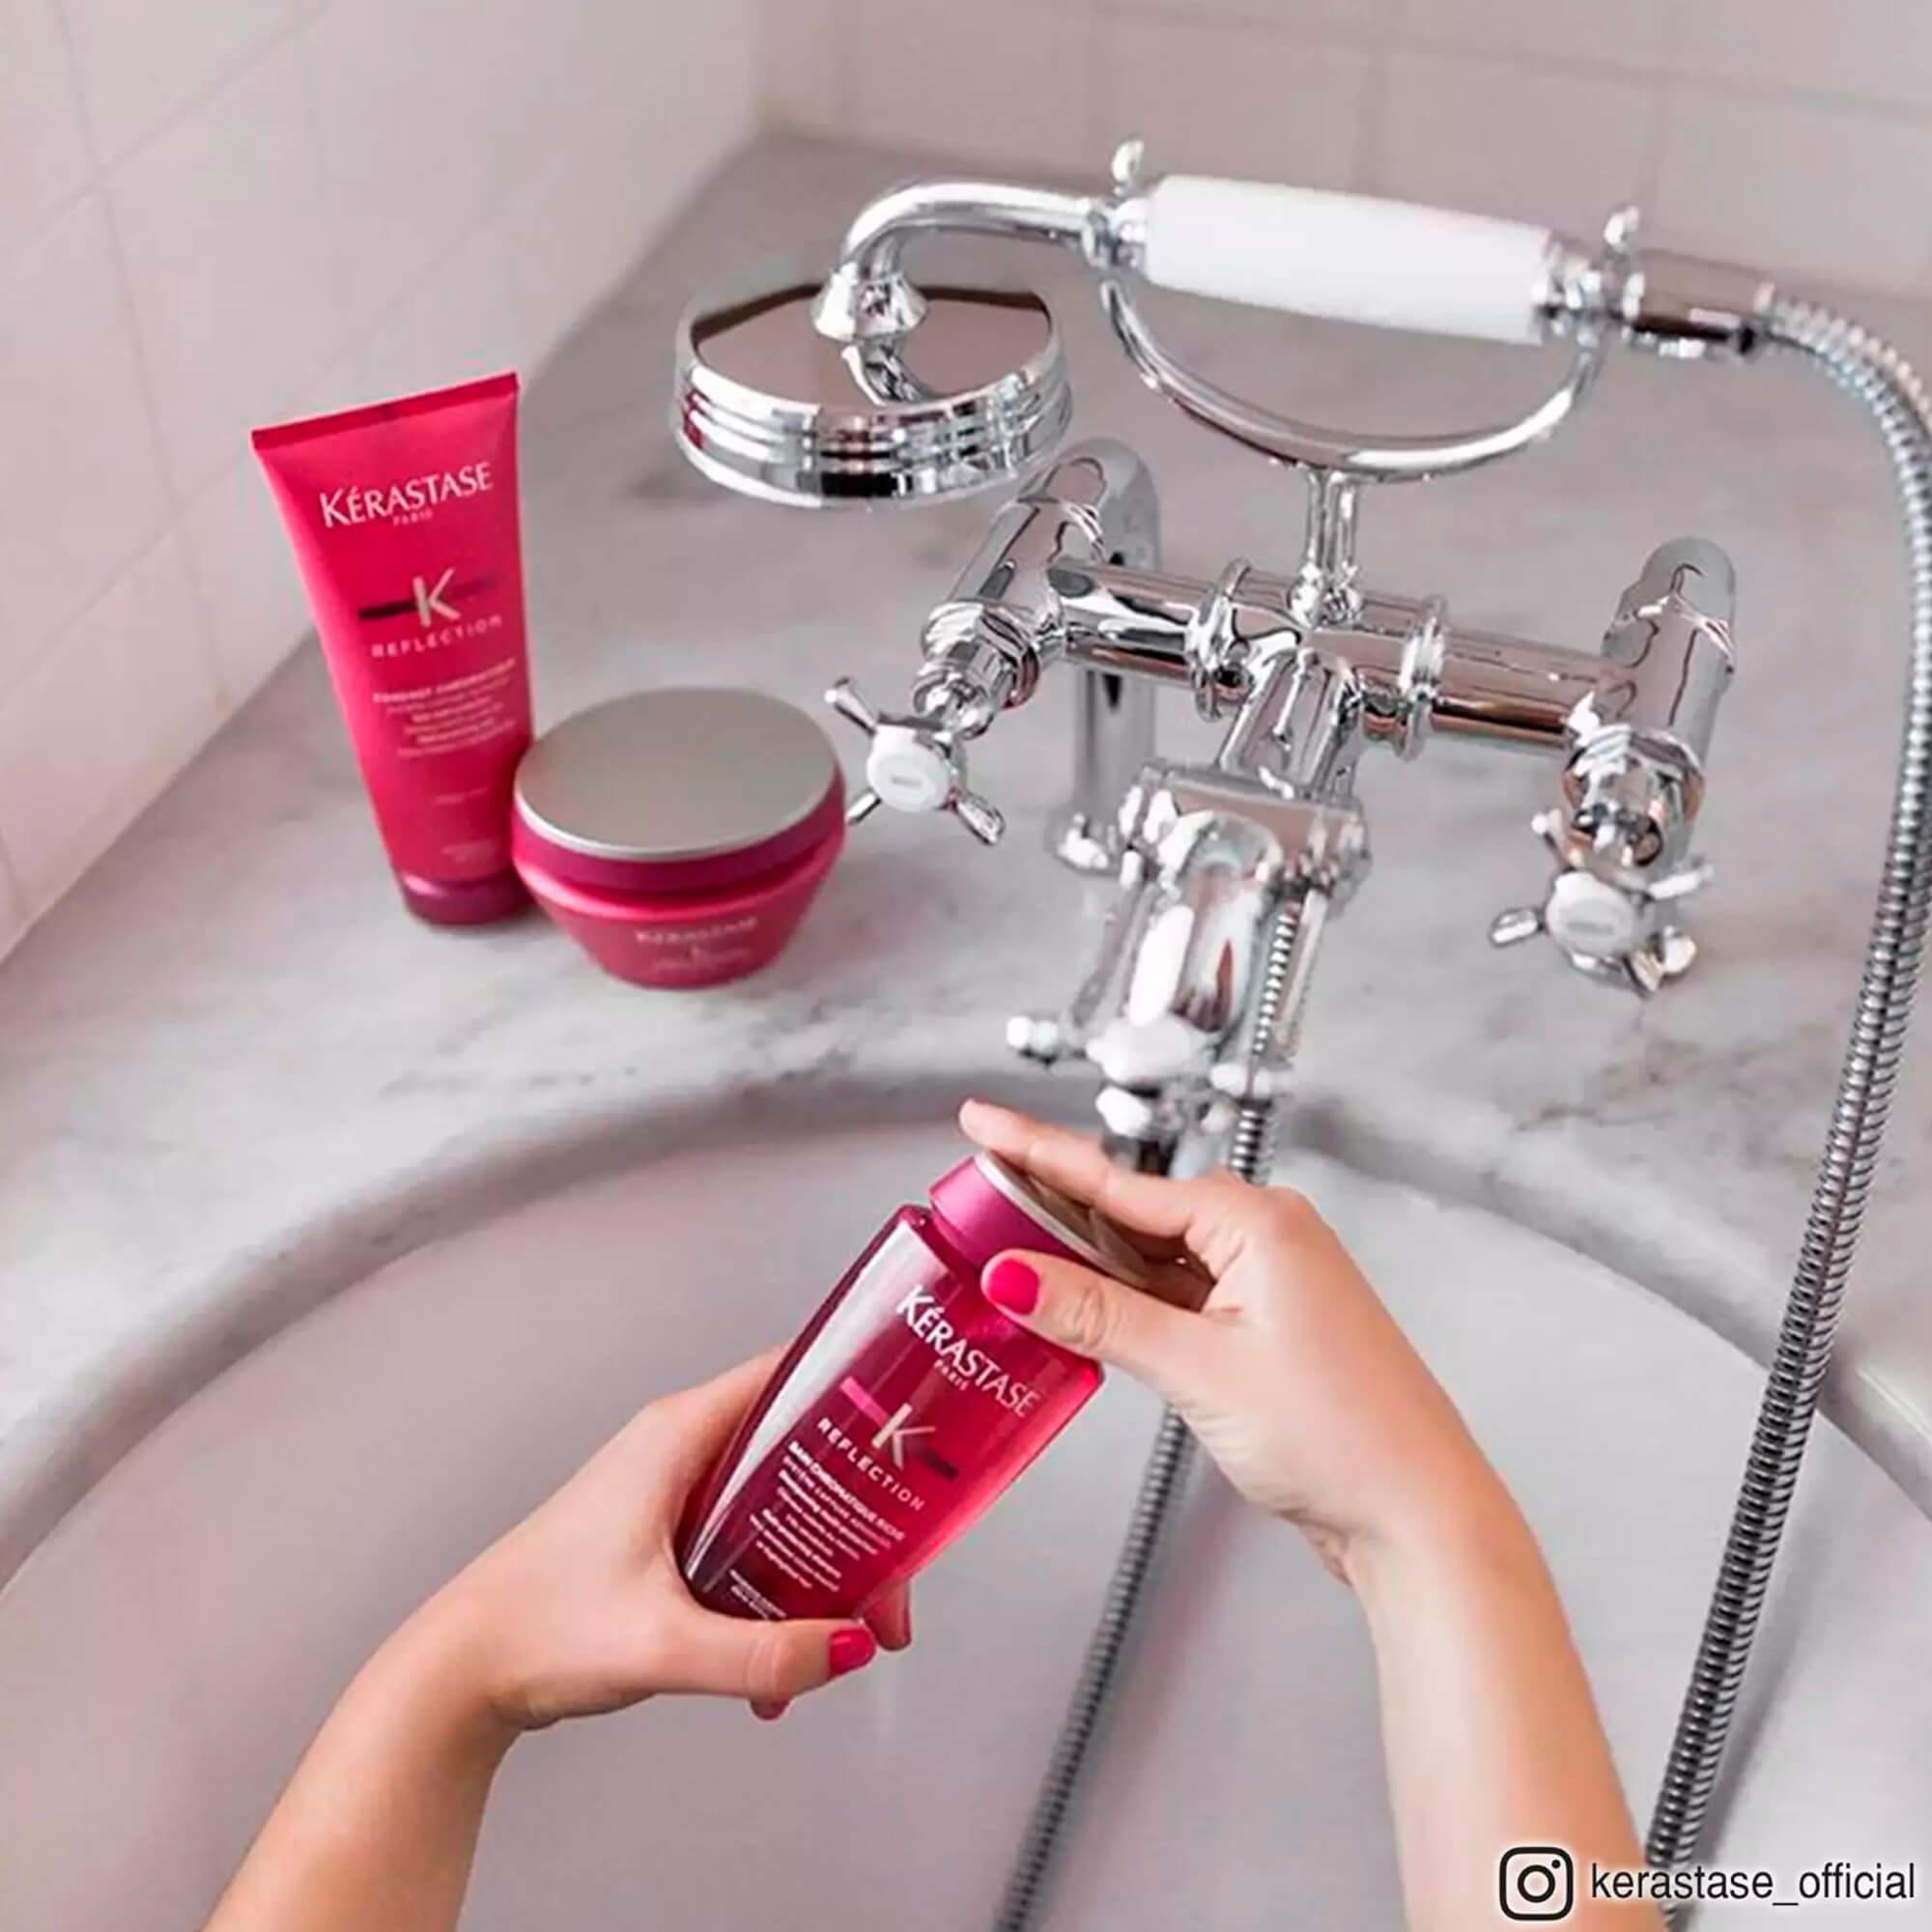 Shampoo Kérastase Réflection Bain Chroma Riche - 250ml